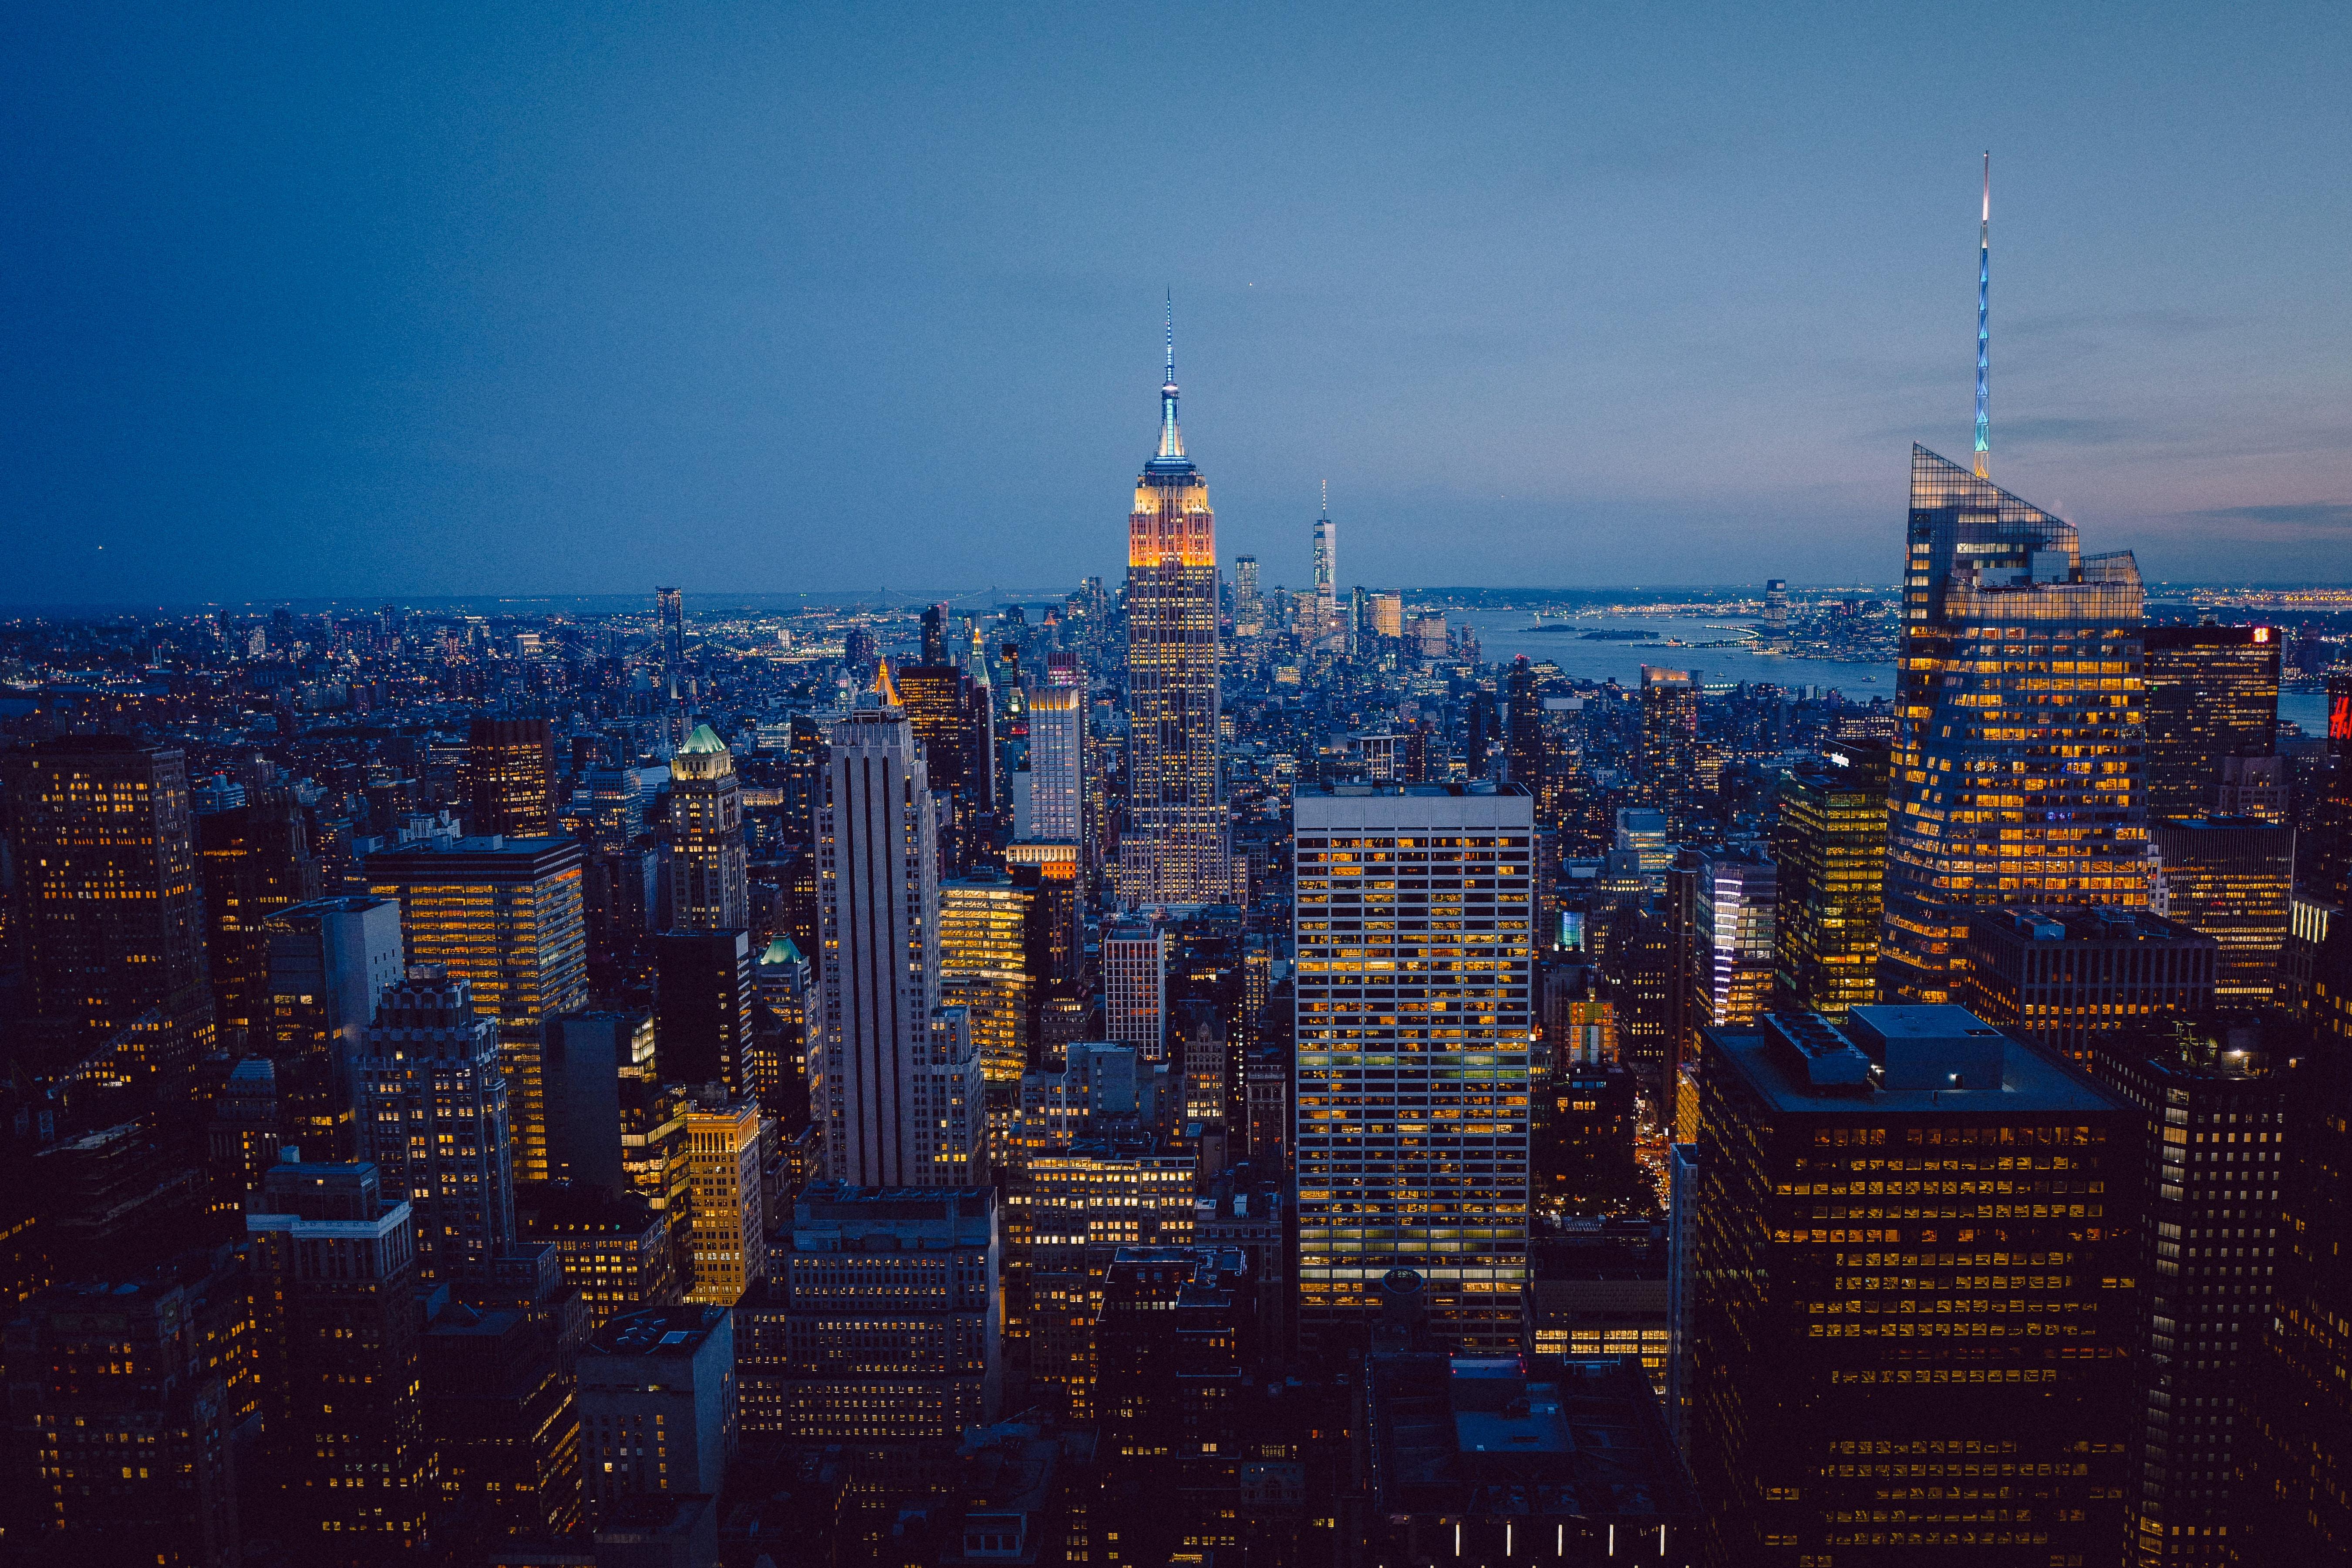 134047 Hintergrundbild 128x160 kostenlos auf deinem Handy, lade Bilder Städte, Architektur, Stadt, Gebäude, Blick Von Oben, Megapolis, Megalopolis, New York, Städtisch, Städtischen 128x160 auf dein Handy herunter